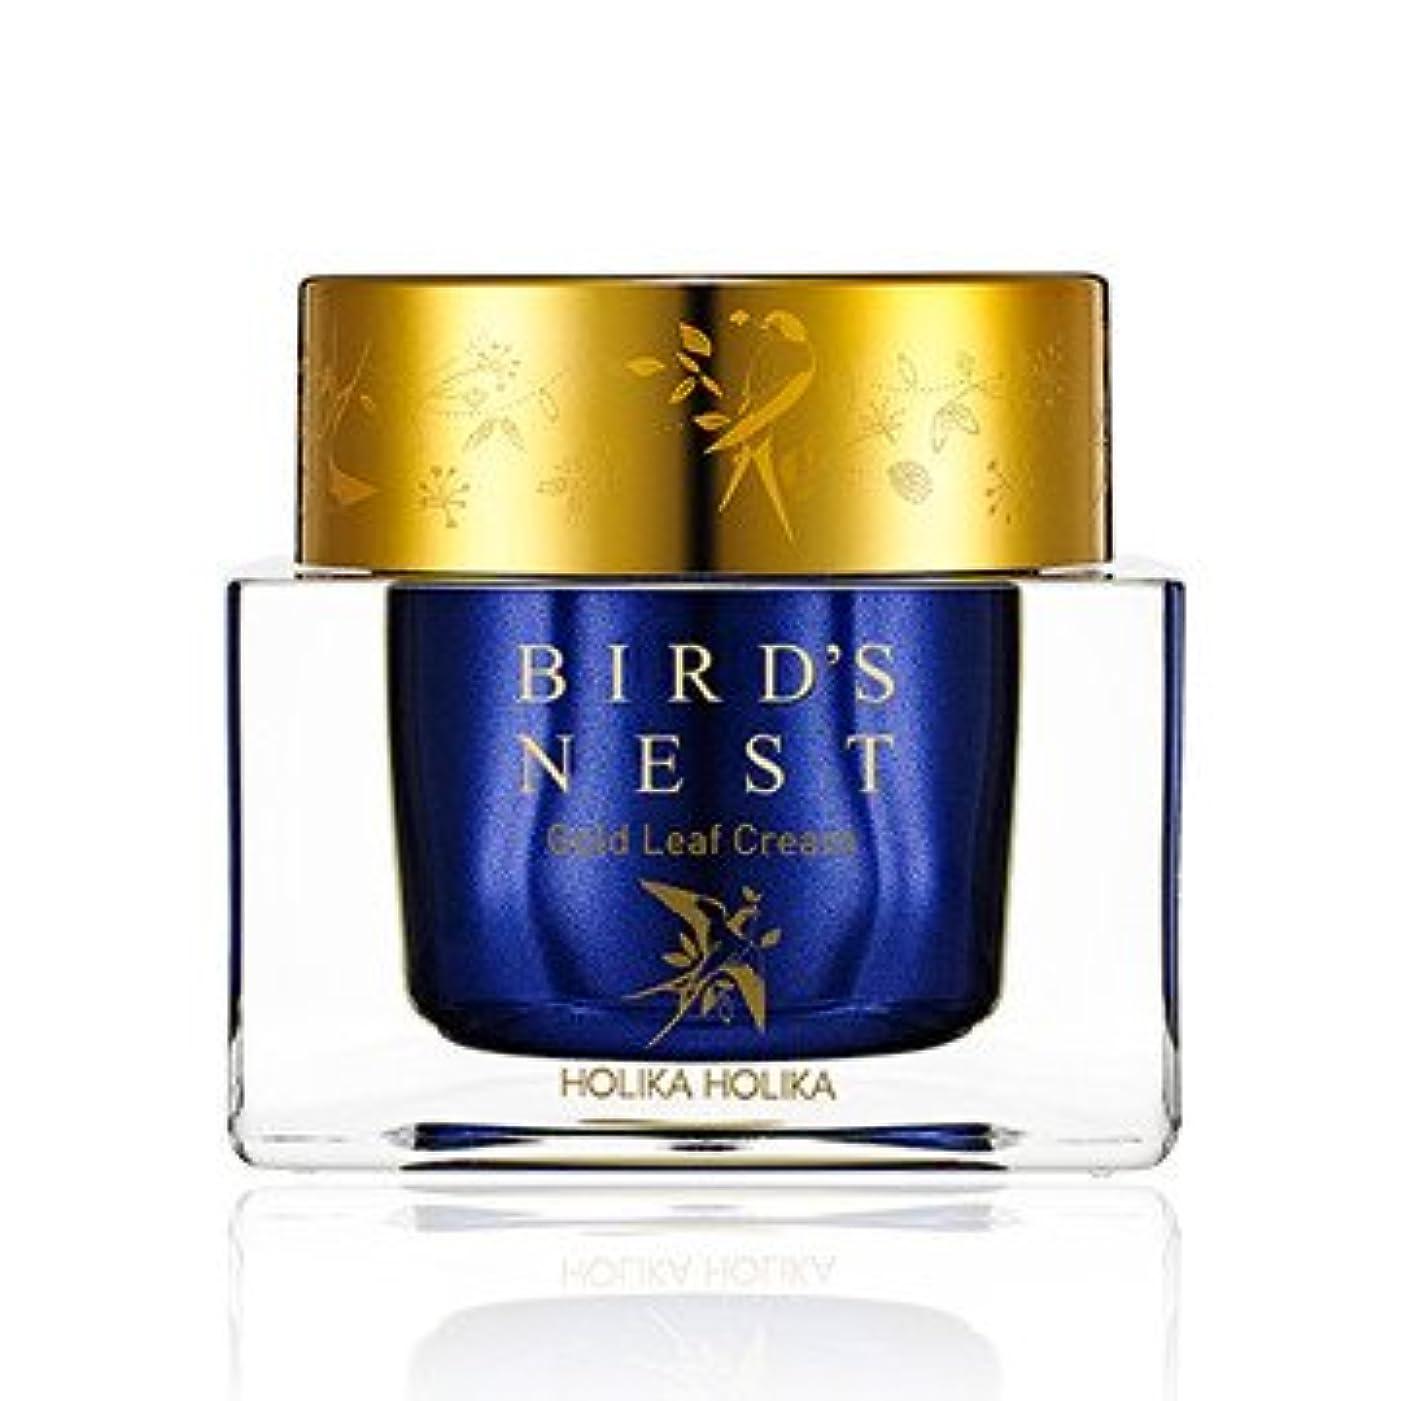 クレア踏みつけ有料[2018 NEW] ホリカホリカ プライムユース バーズネスト ゴールドリーフ クリーム/Holika Holika Prime Youth Birds Nest Gold Leaf Cream 55ml [並行輸入品]